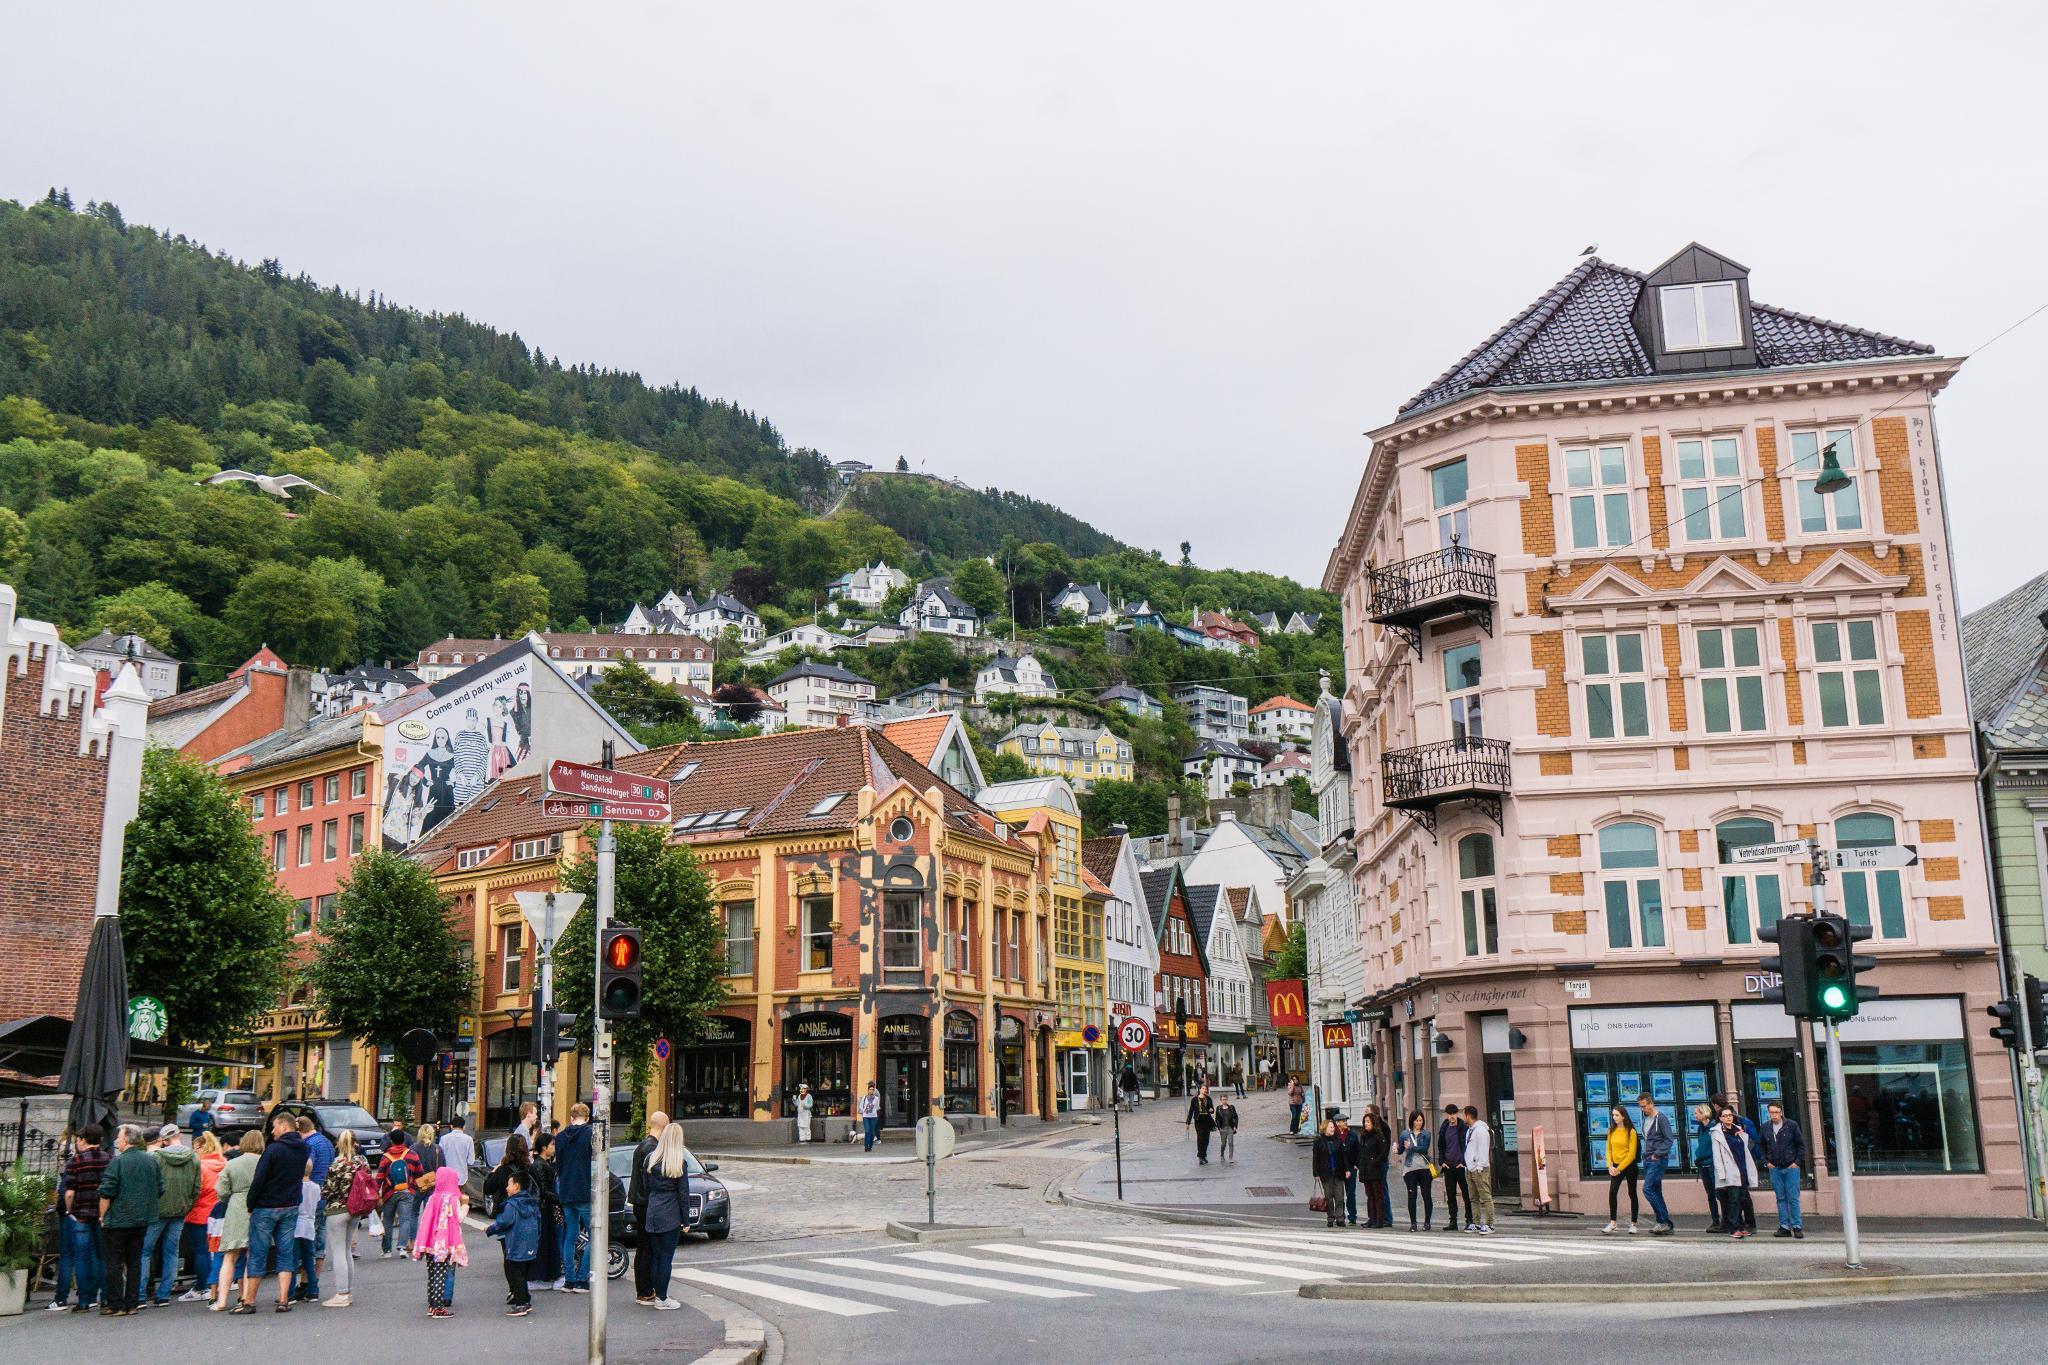 【卑爾根】童話北歐!卑爾根自由行景點全攻略 142